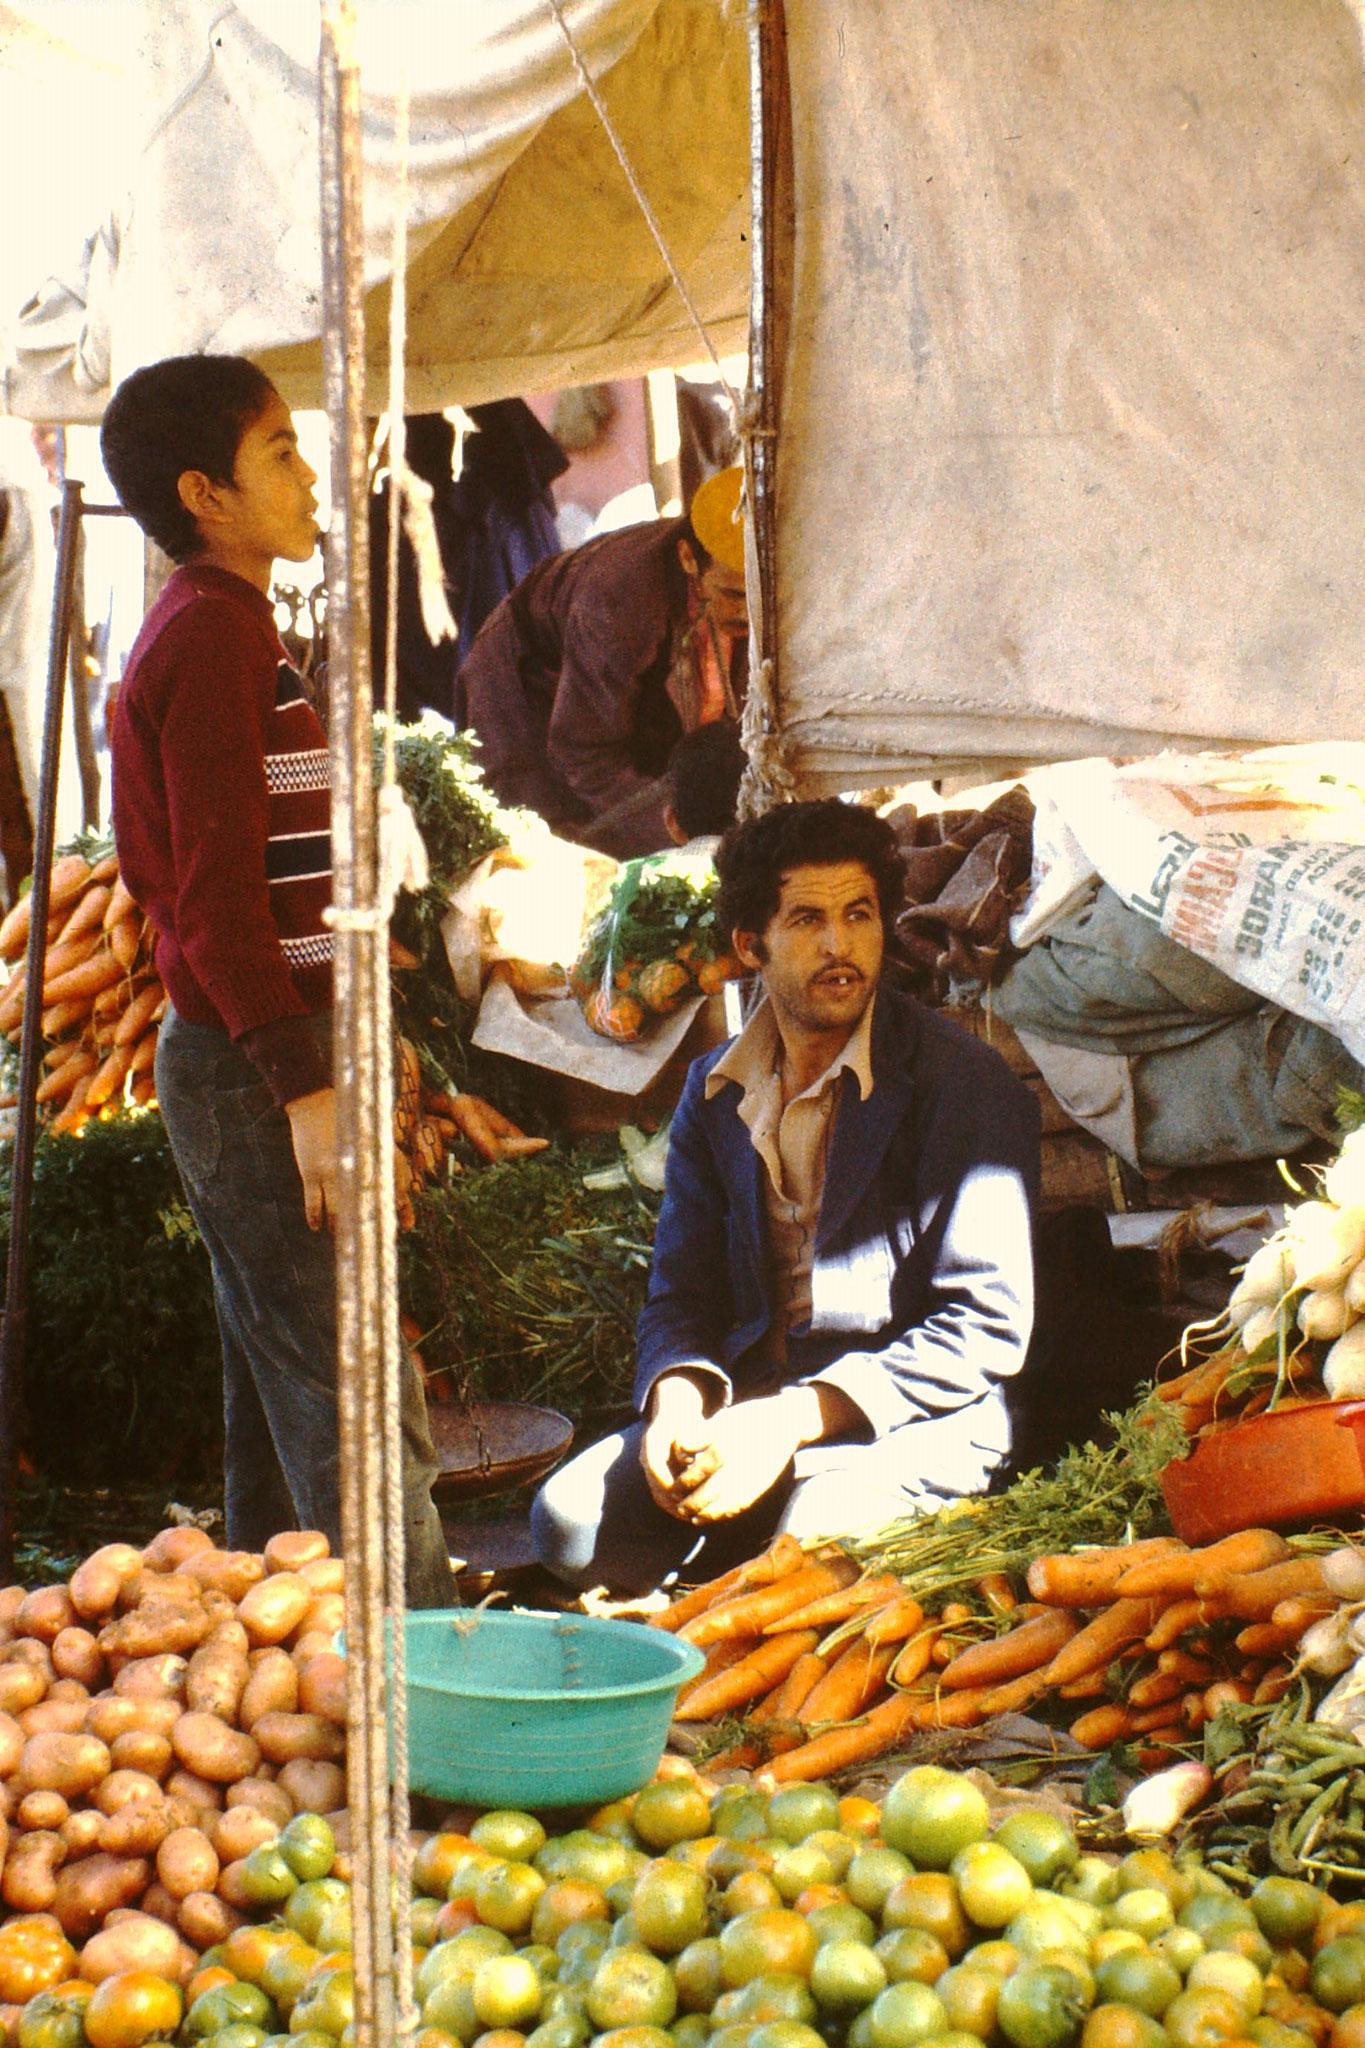 Dieser Mann bietet Gemüse und Früchte  an.